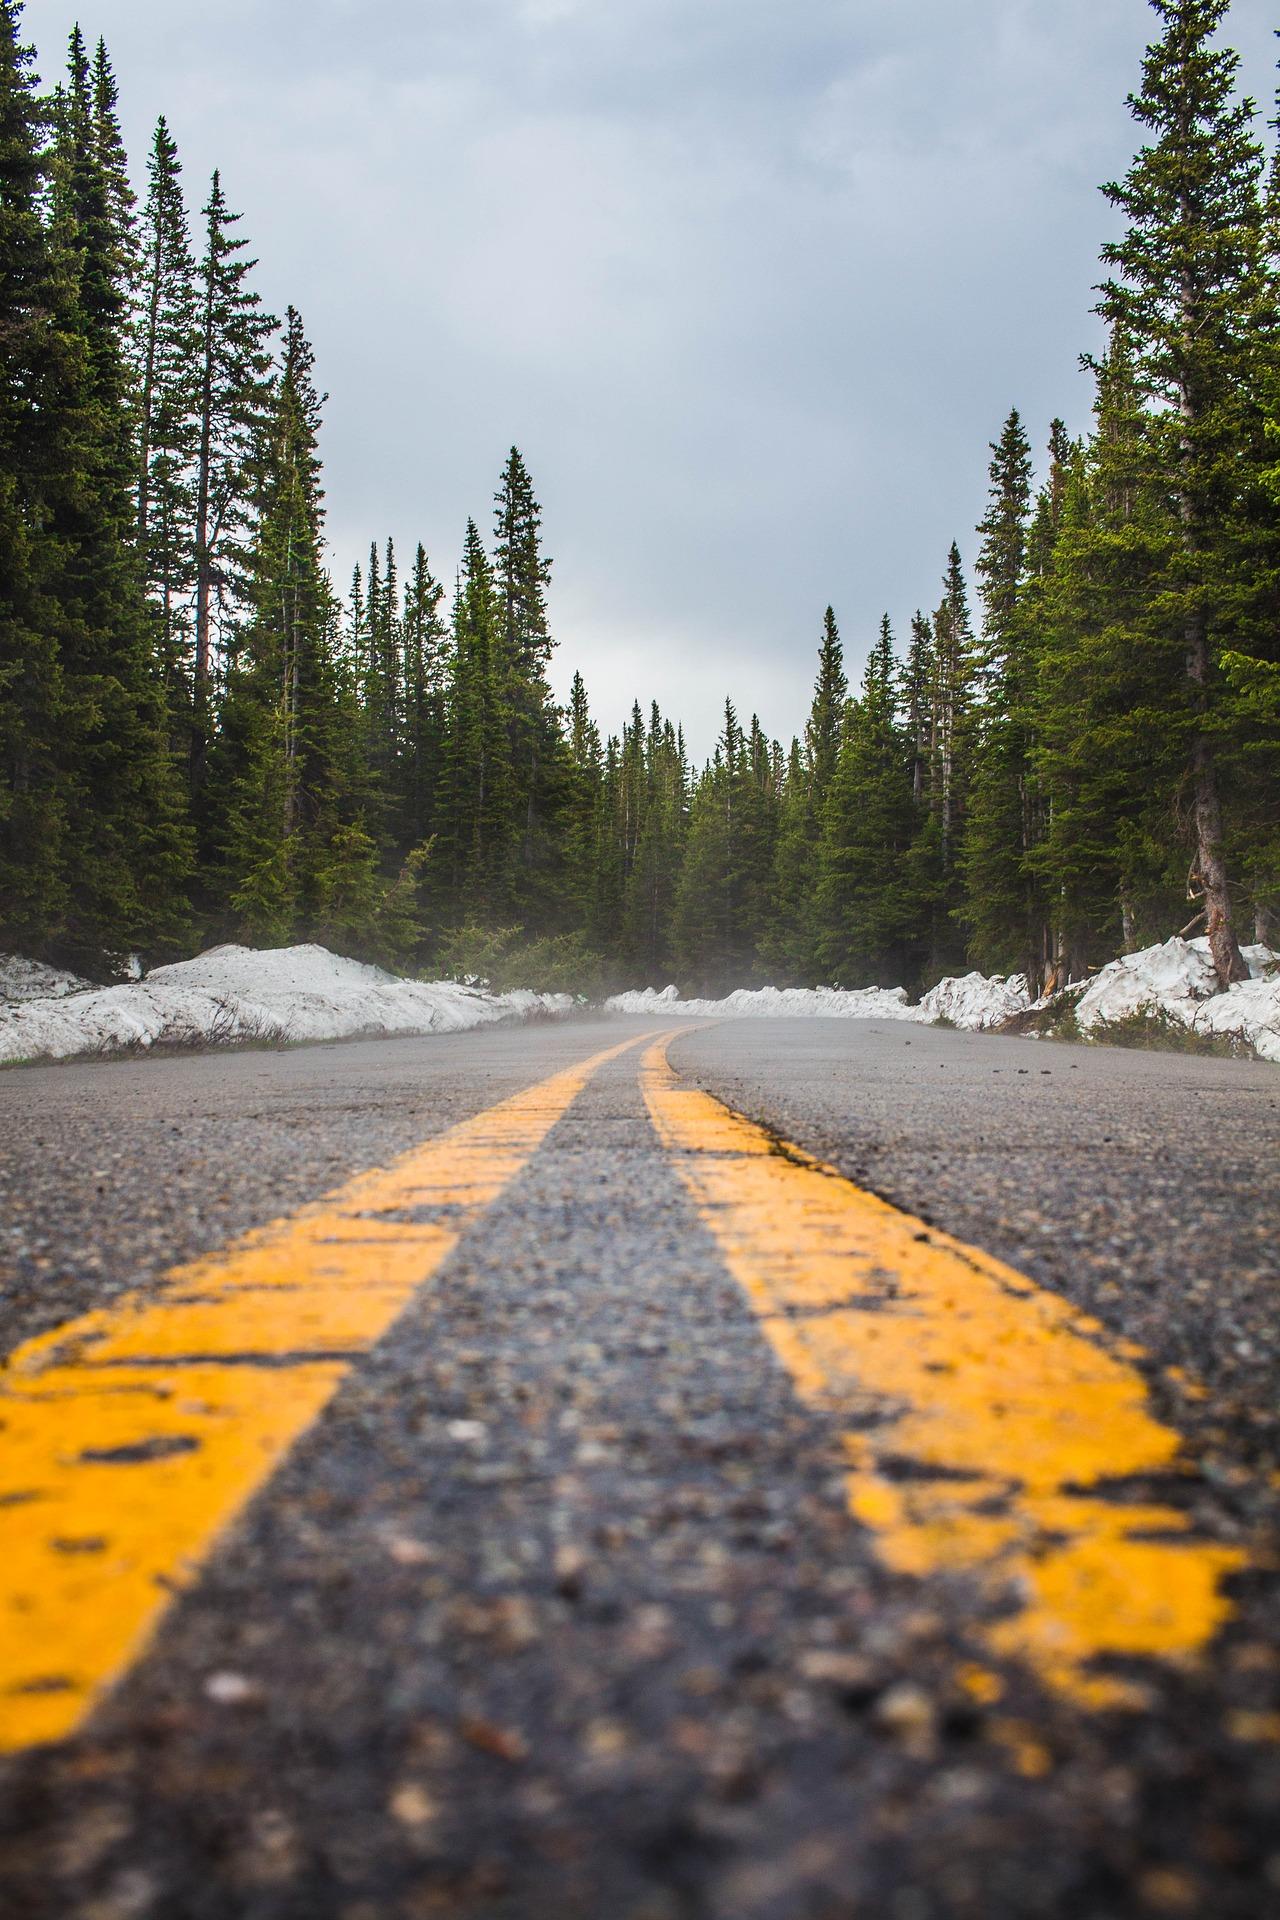 Co oznaczają żółte linie na skrzyżowaniu?